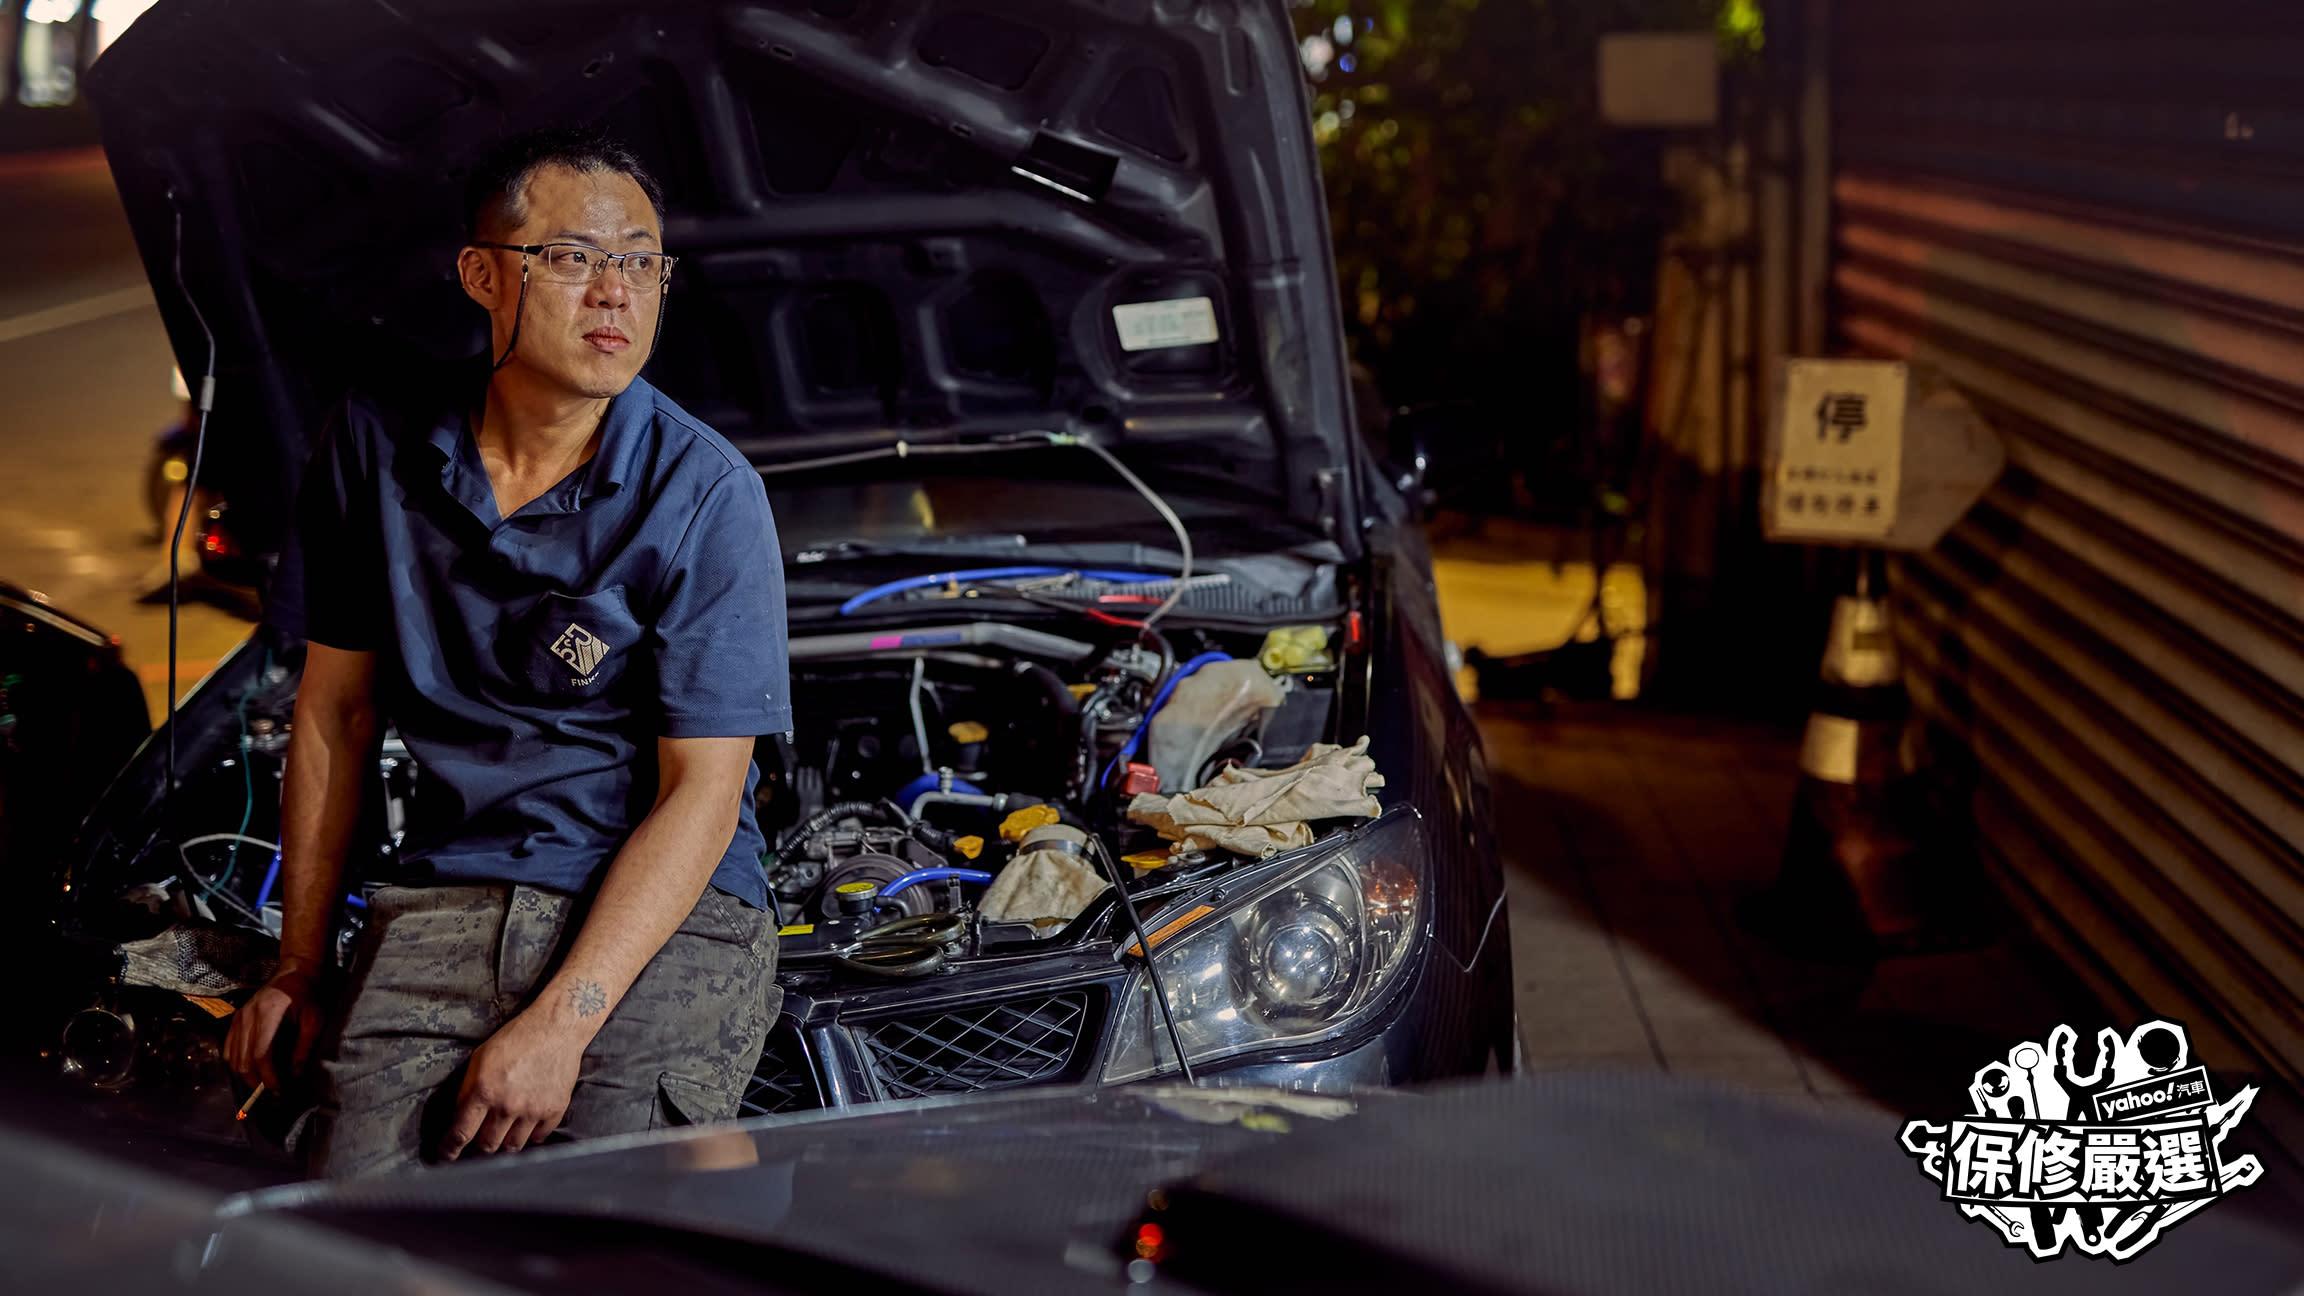 【保修嚴選】穿越任意門來到香港一隅!新北土城日亞國際馭速車業!